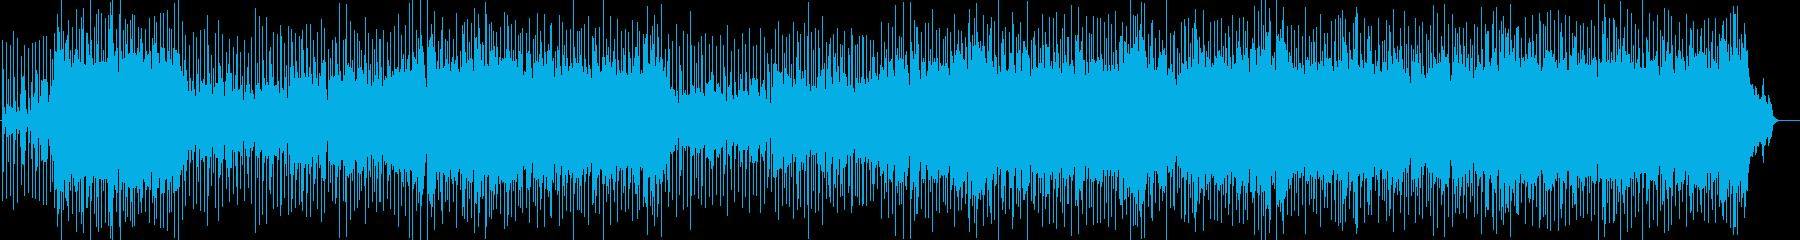 ポップで元気な90年代カントリー系ロックの再生済みの波形